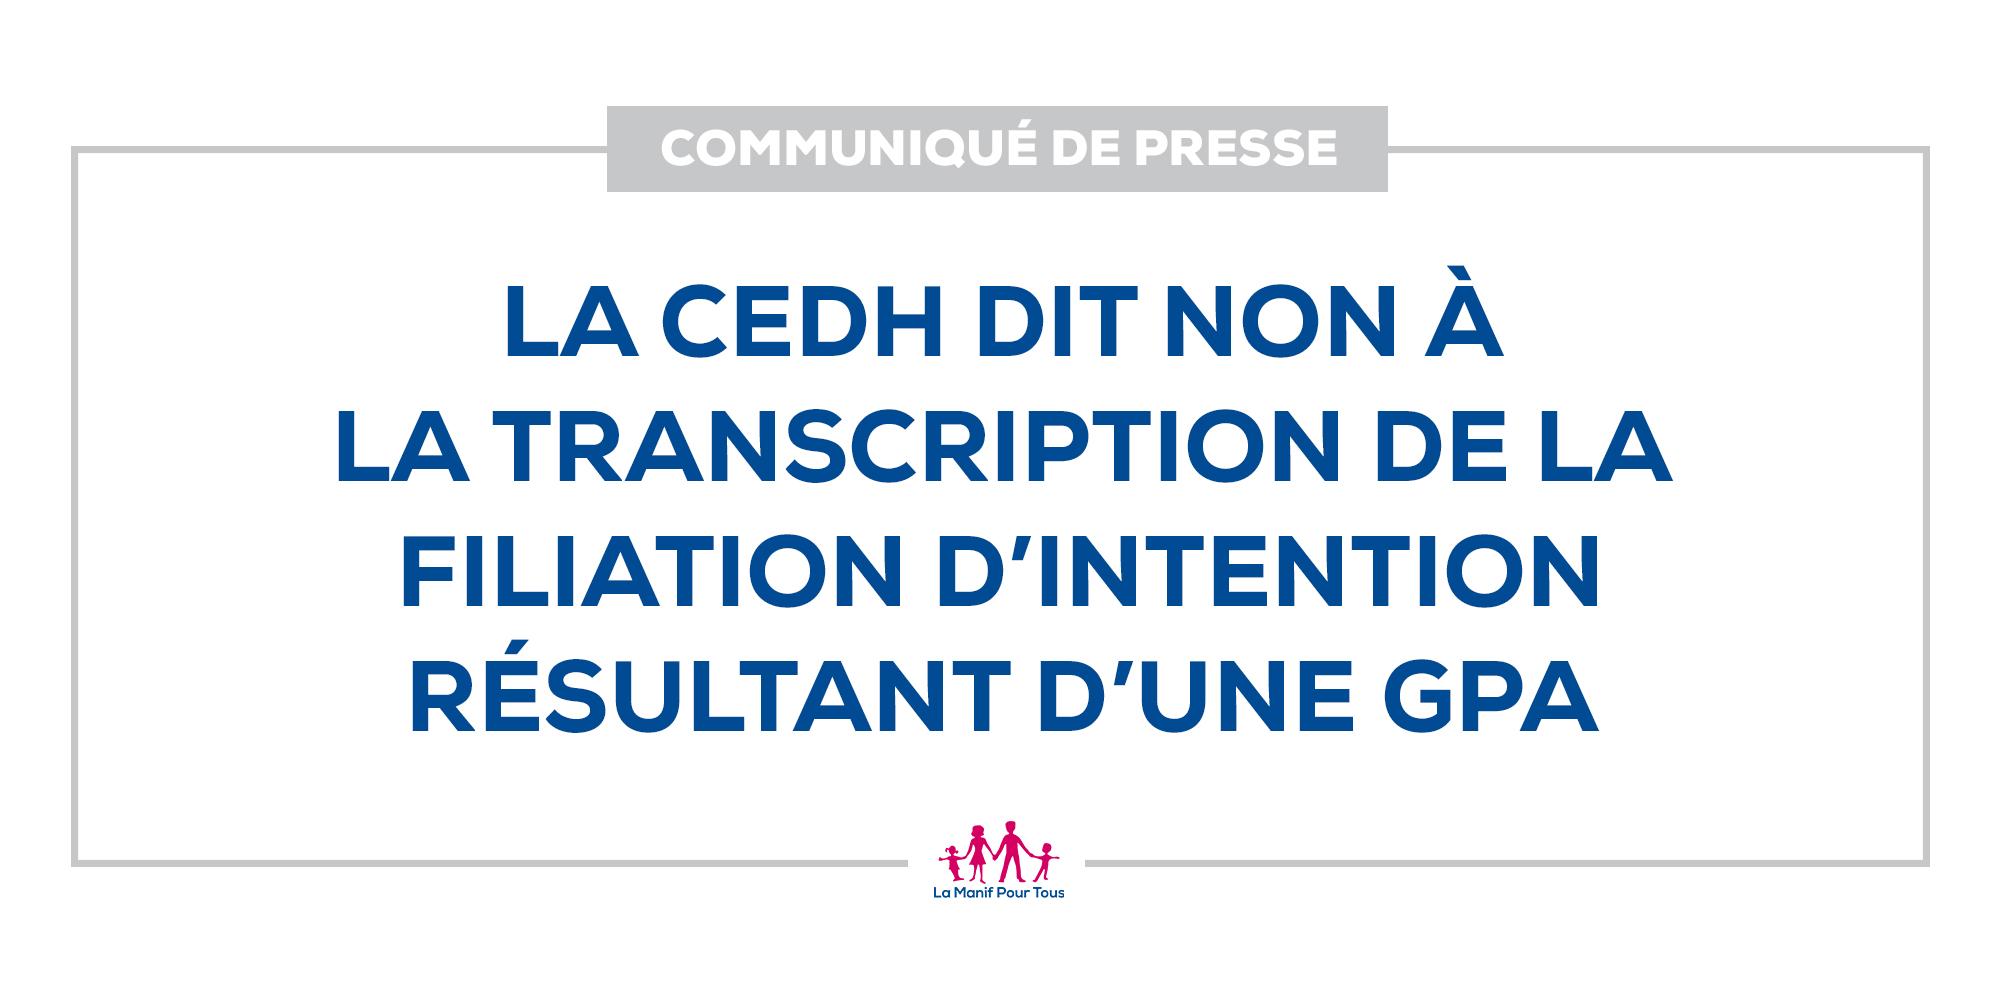 Image - La CEDH dit non à la transcription de la filiation d'intention résultant d'une GPA